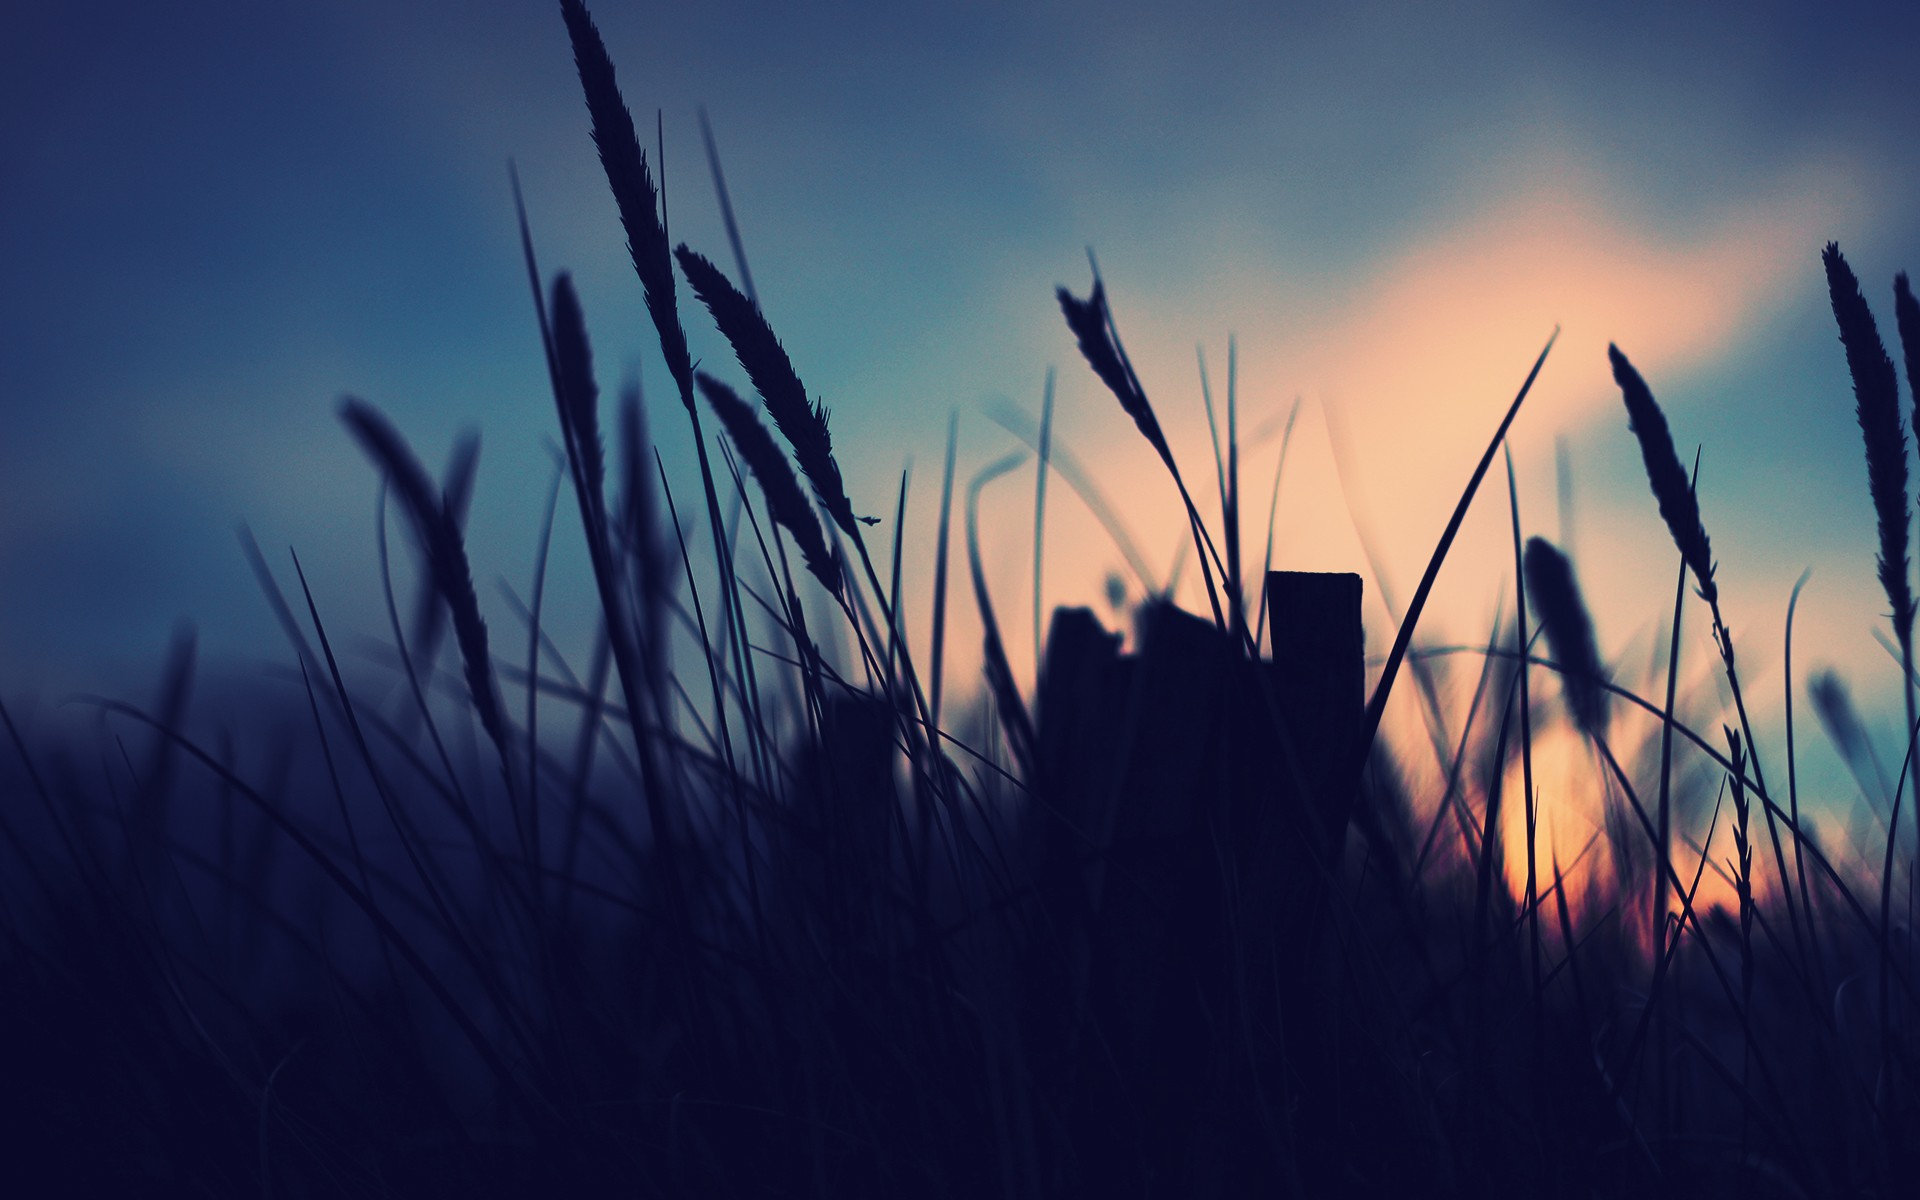 трава сумерки вечер загрузить